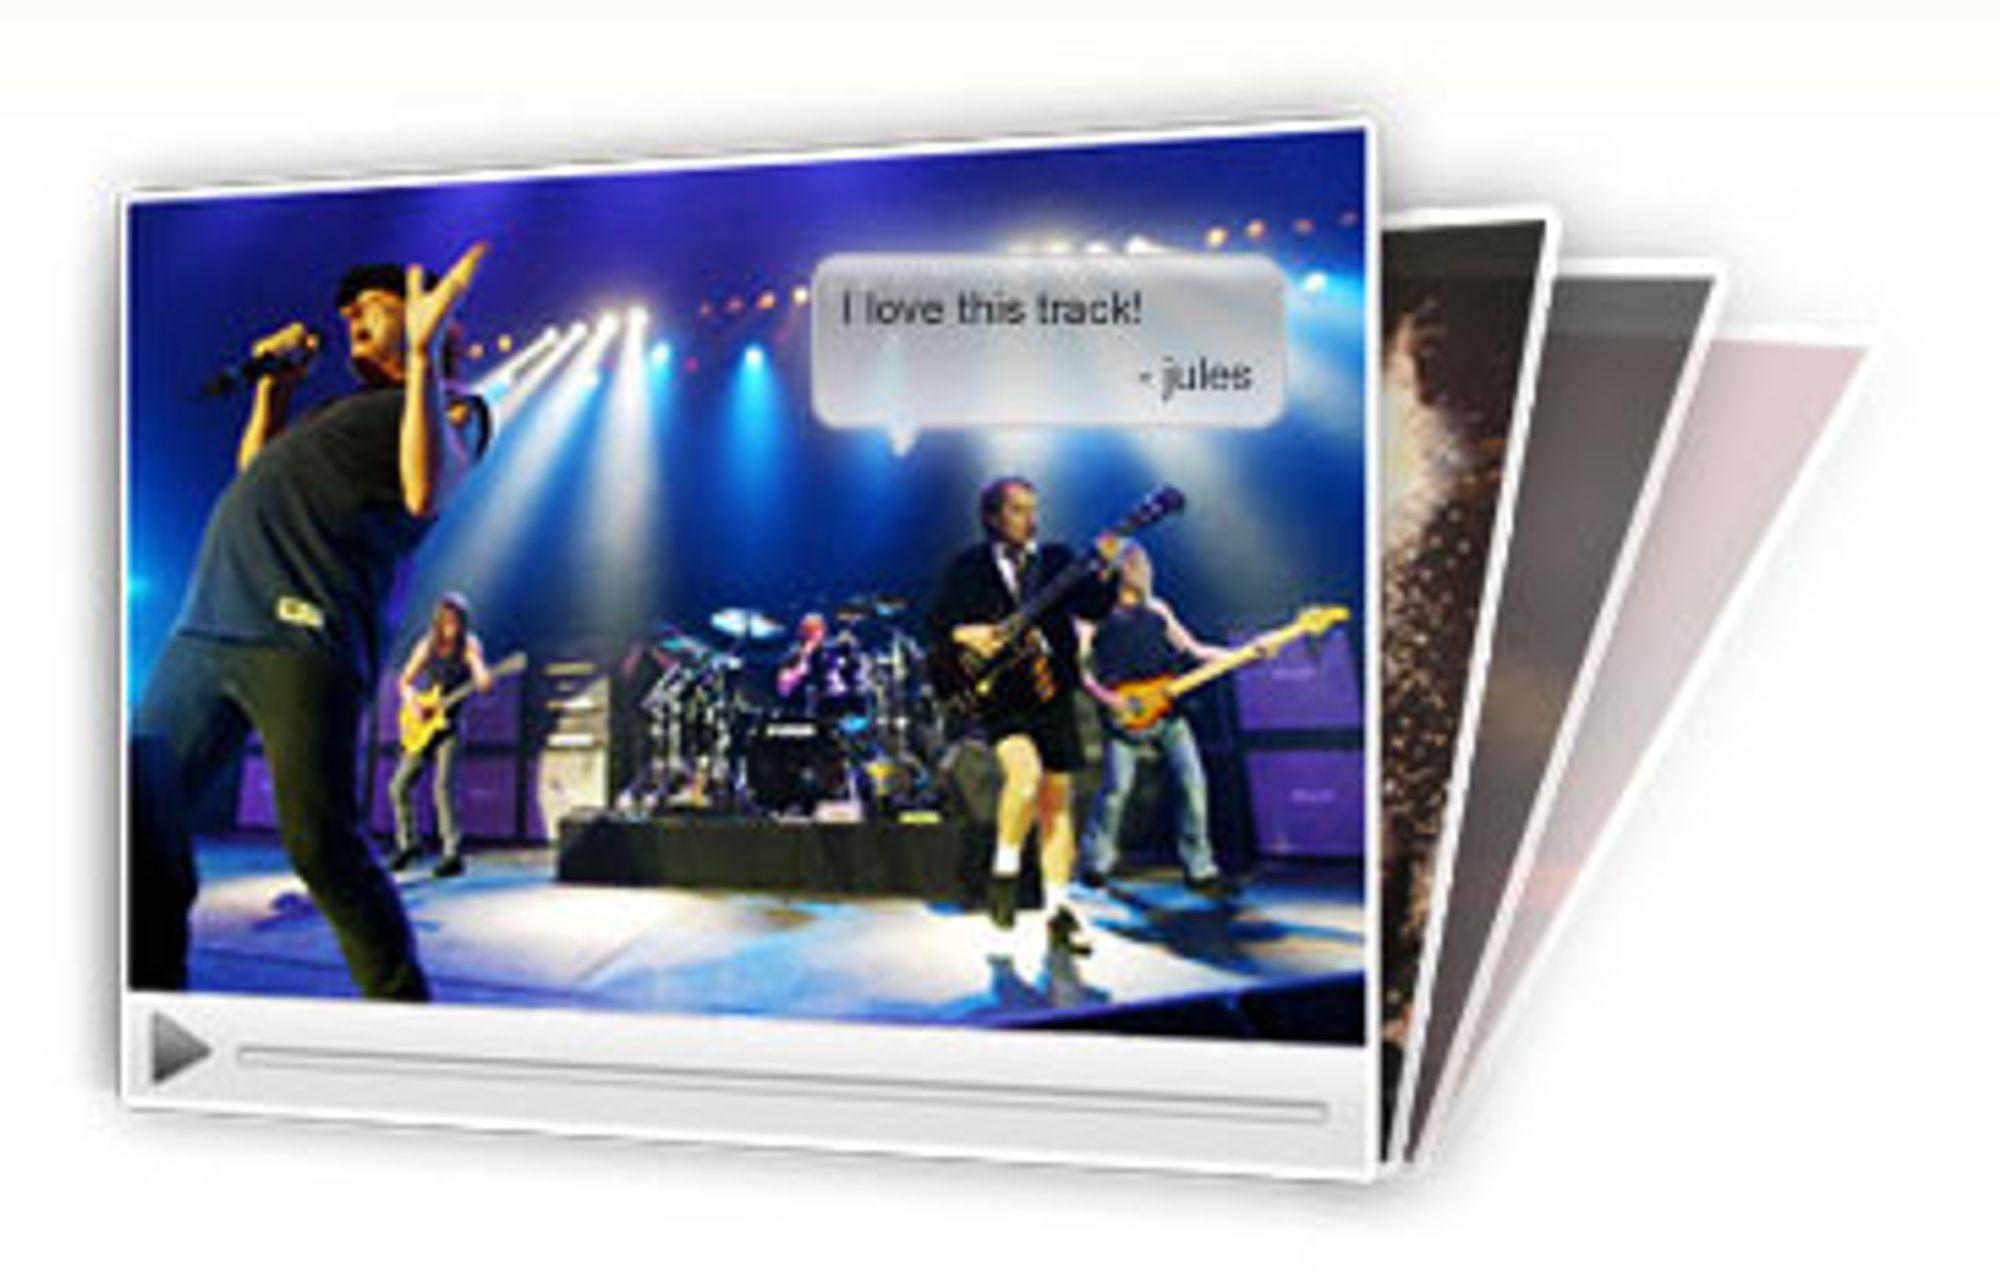 AC/DC: Eksempel på tagging av videosnutt, hentet fra Omnisios nettsider.